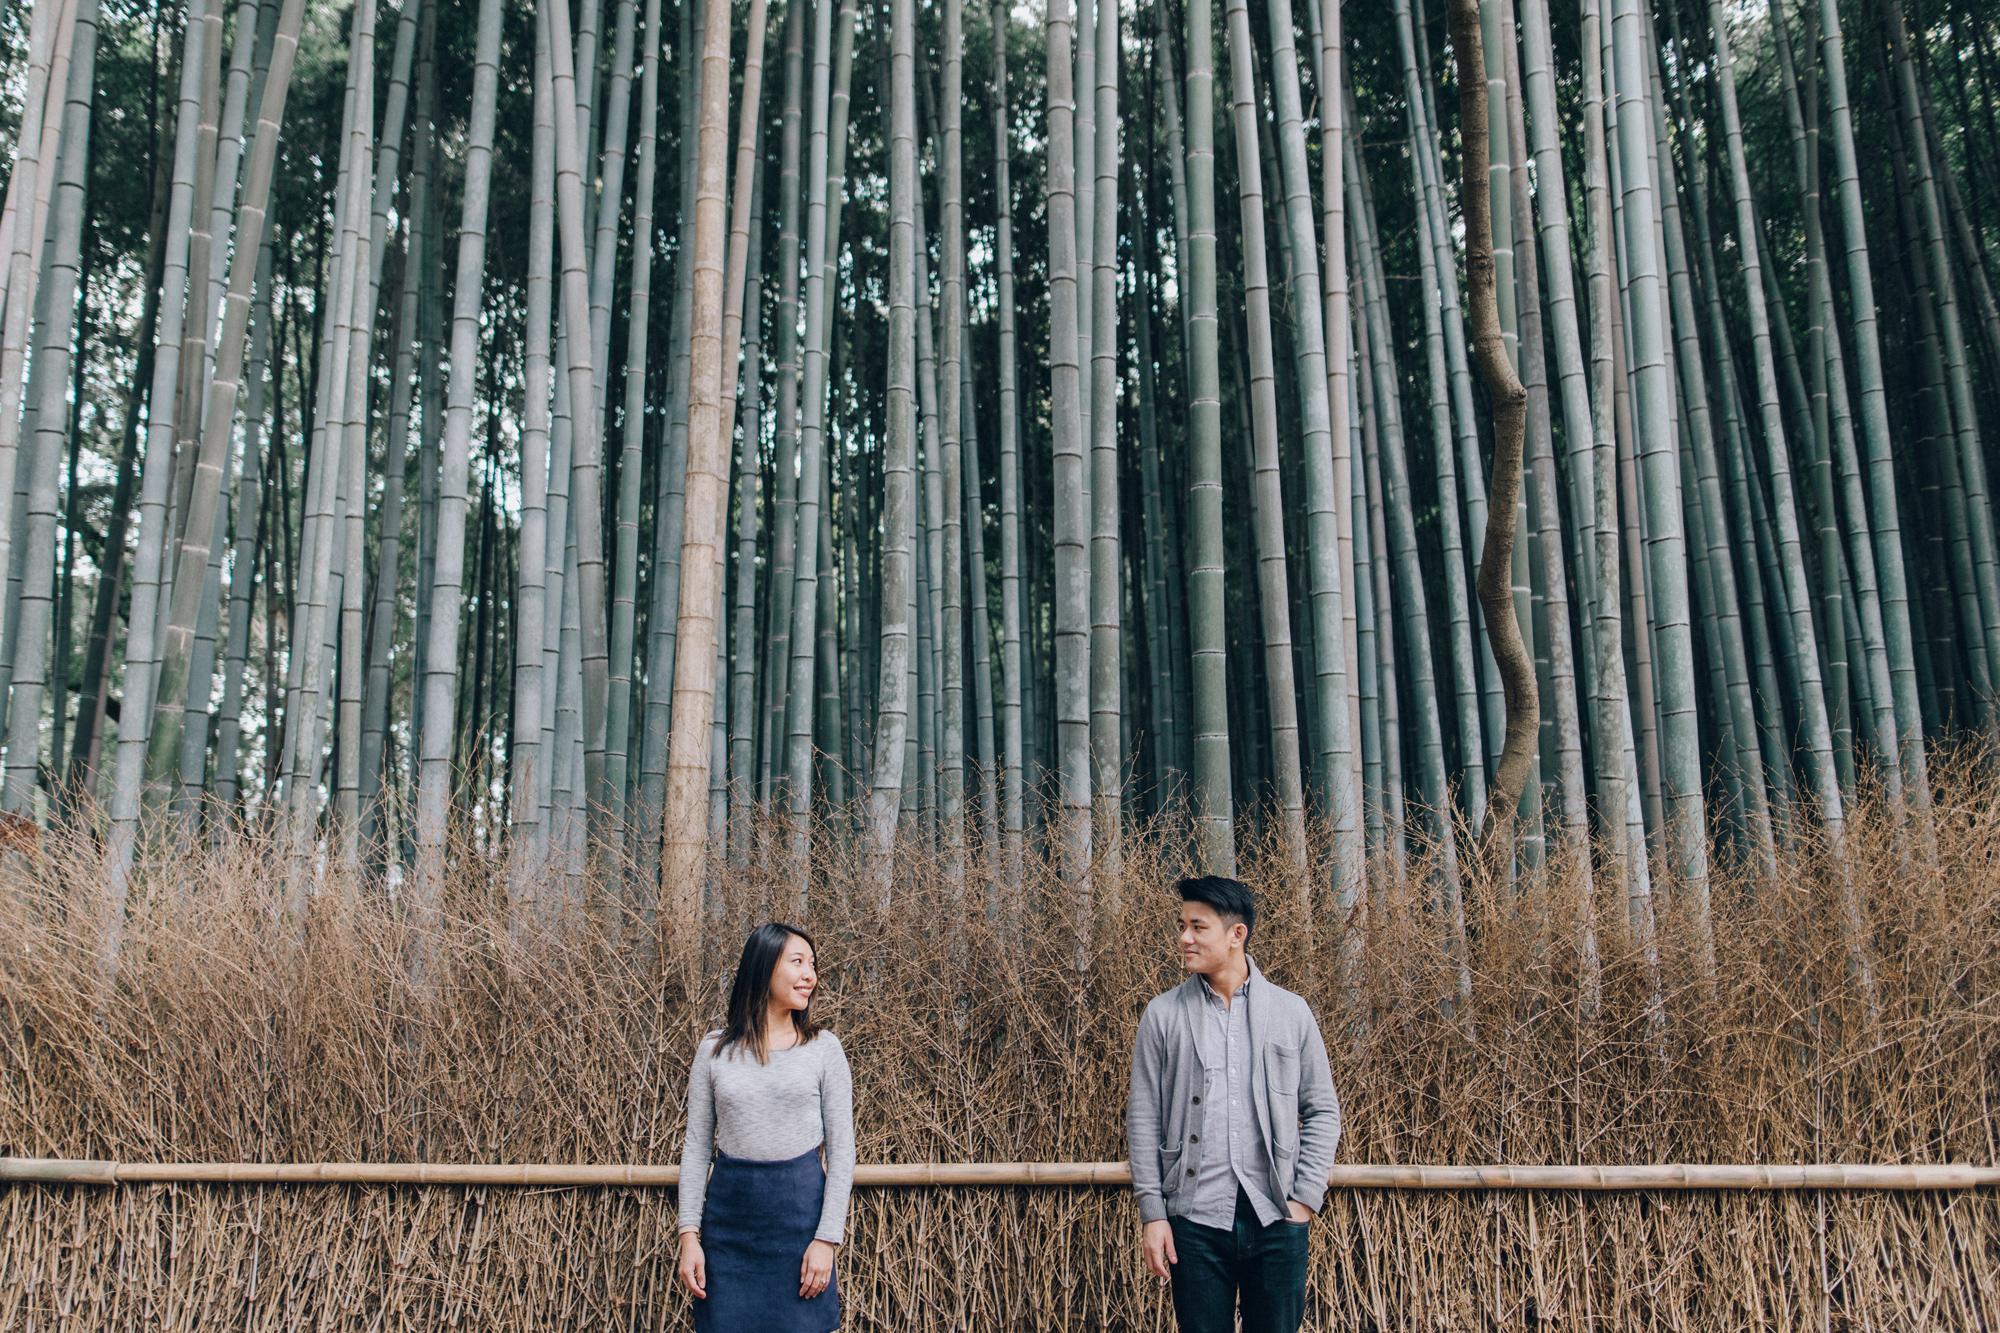 006-Arashiyama.jpg